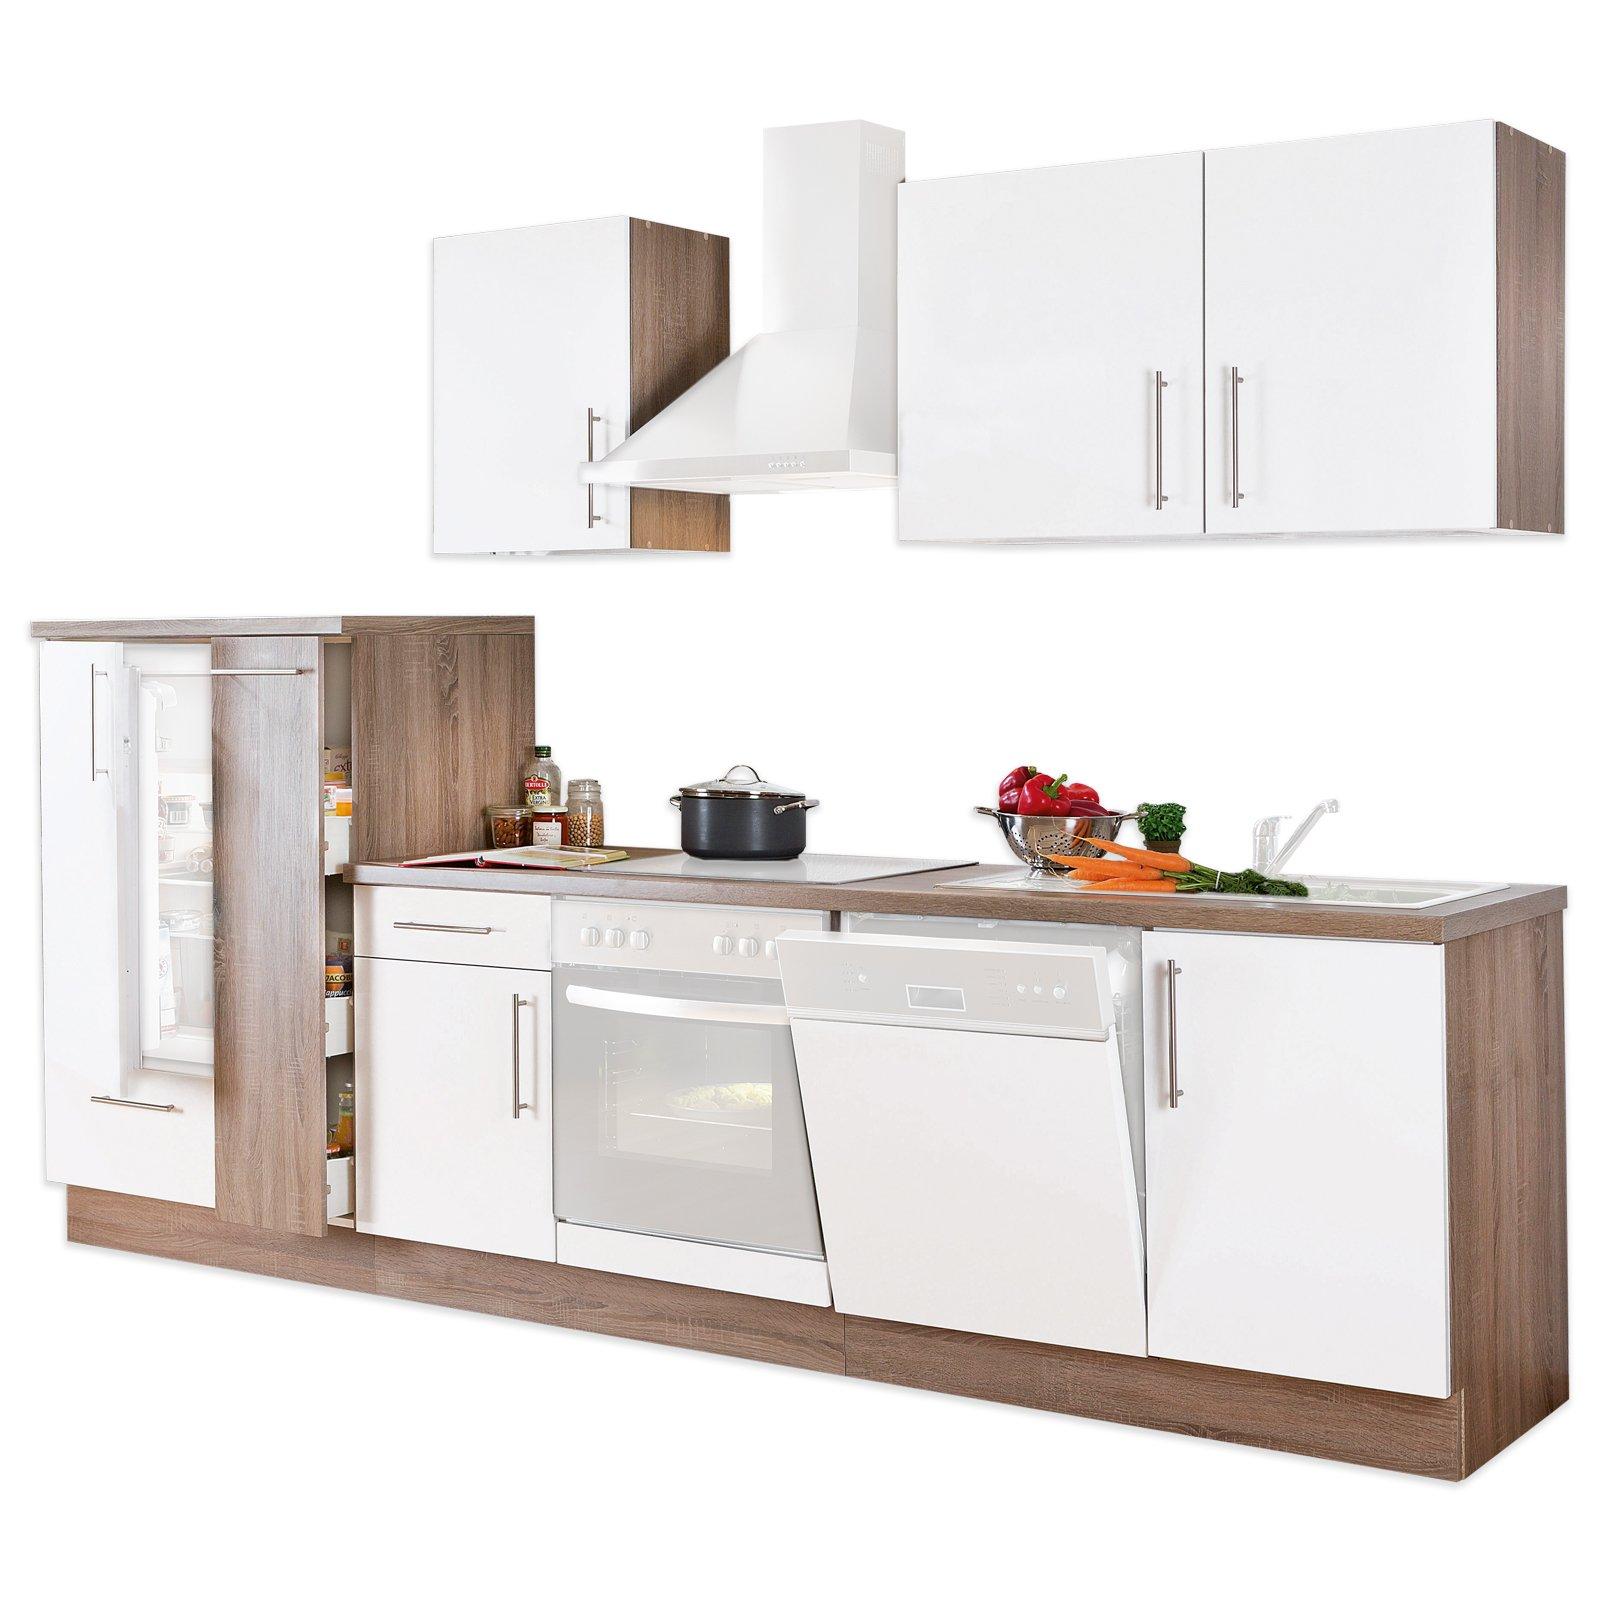 Full Size of Küchenblende Kchenblock Wei Lacklaminat Matt Trffel 310 Cm Online Wohnzimmer Küchenblende